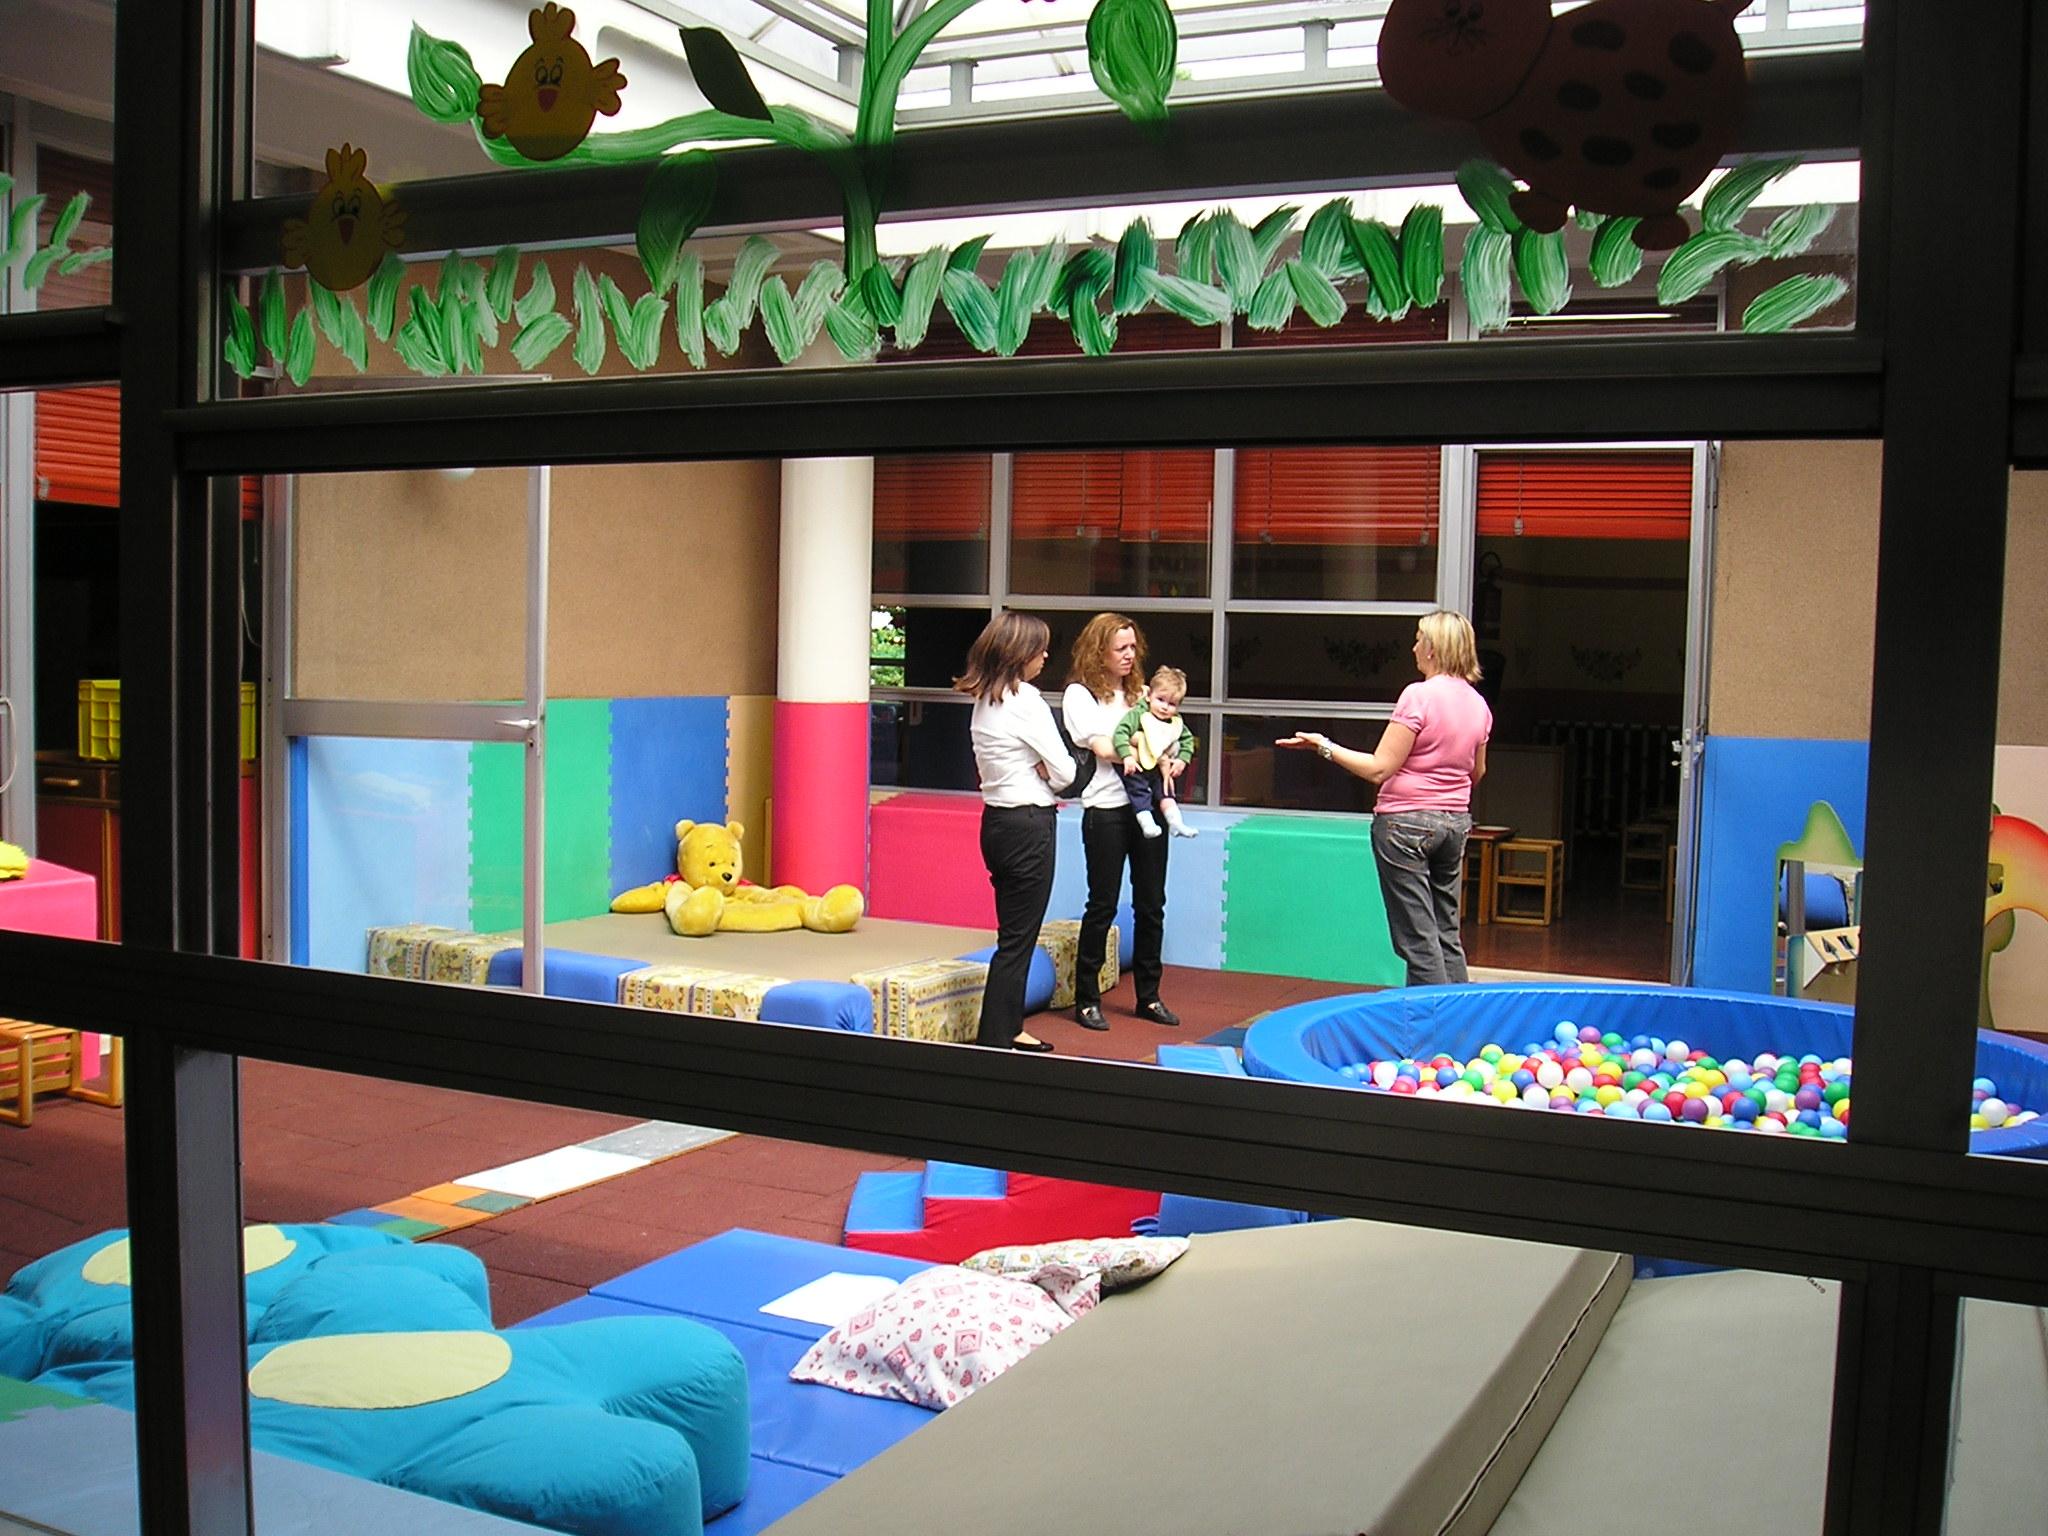 Passione bambini: voglio aprire un asilo nido!